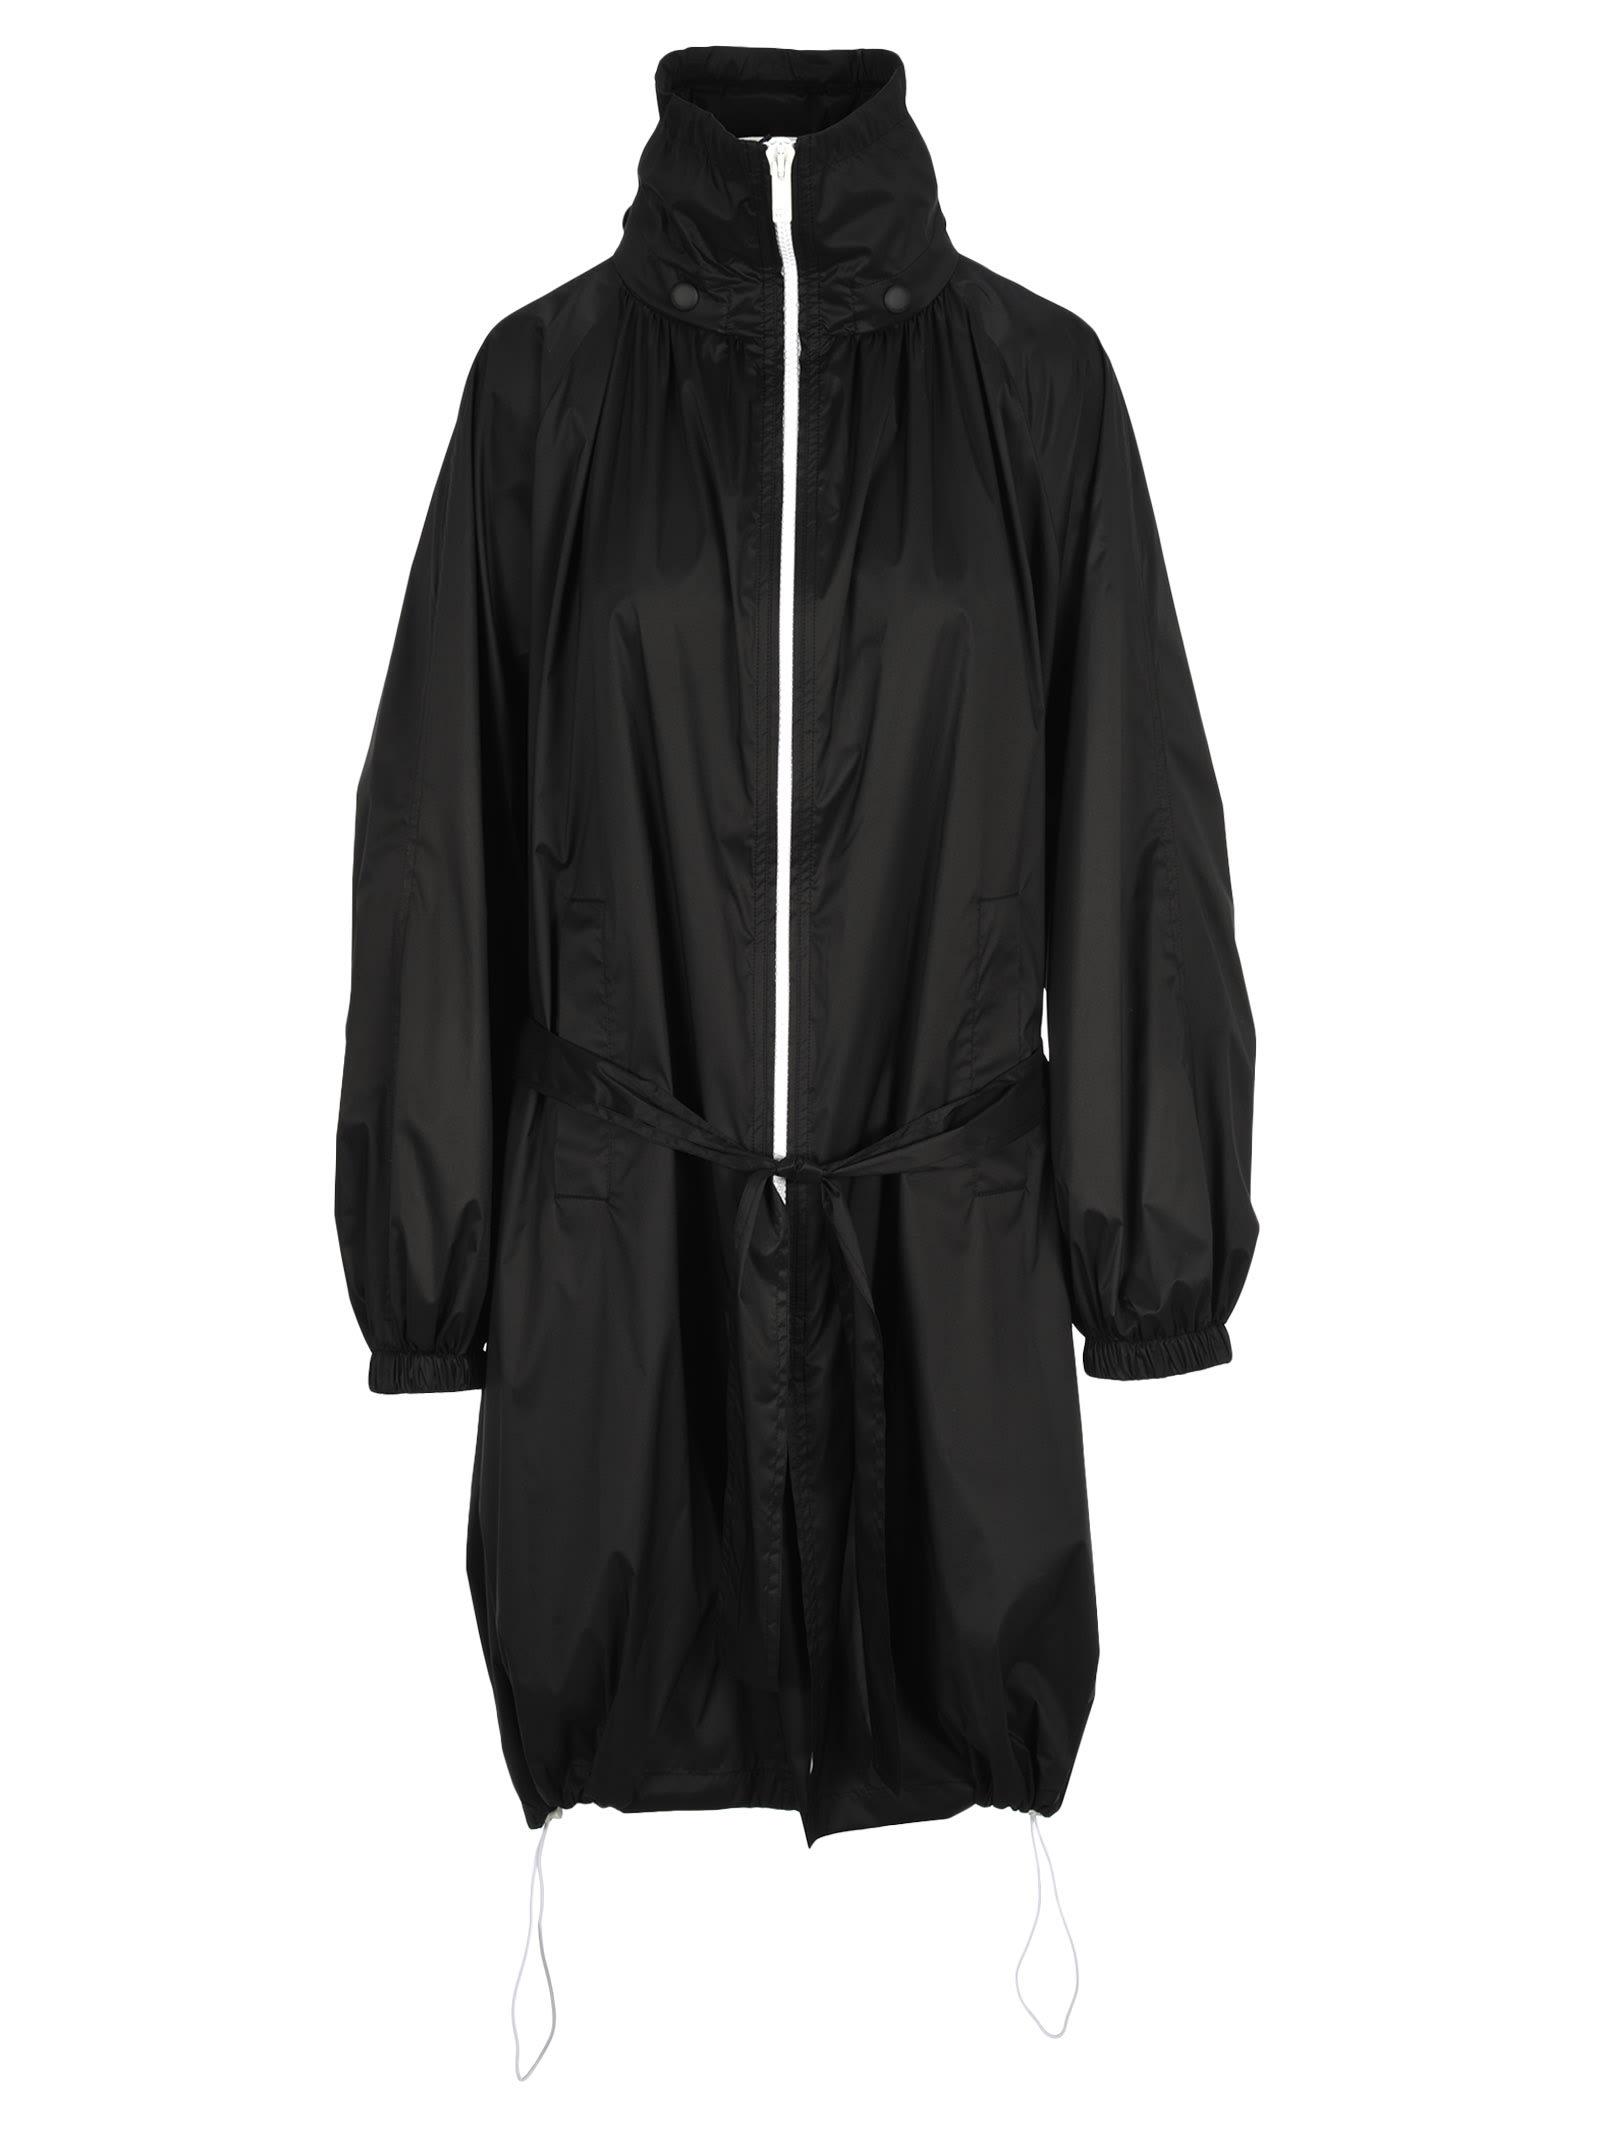 Givenchy Givenchy Mid-length Windbreaker